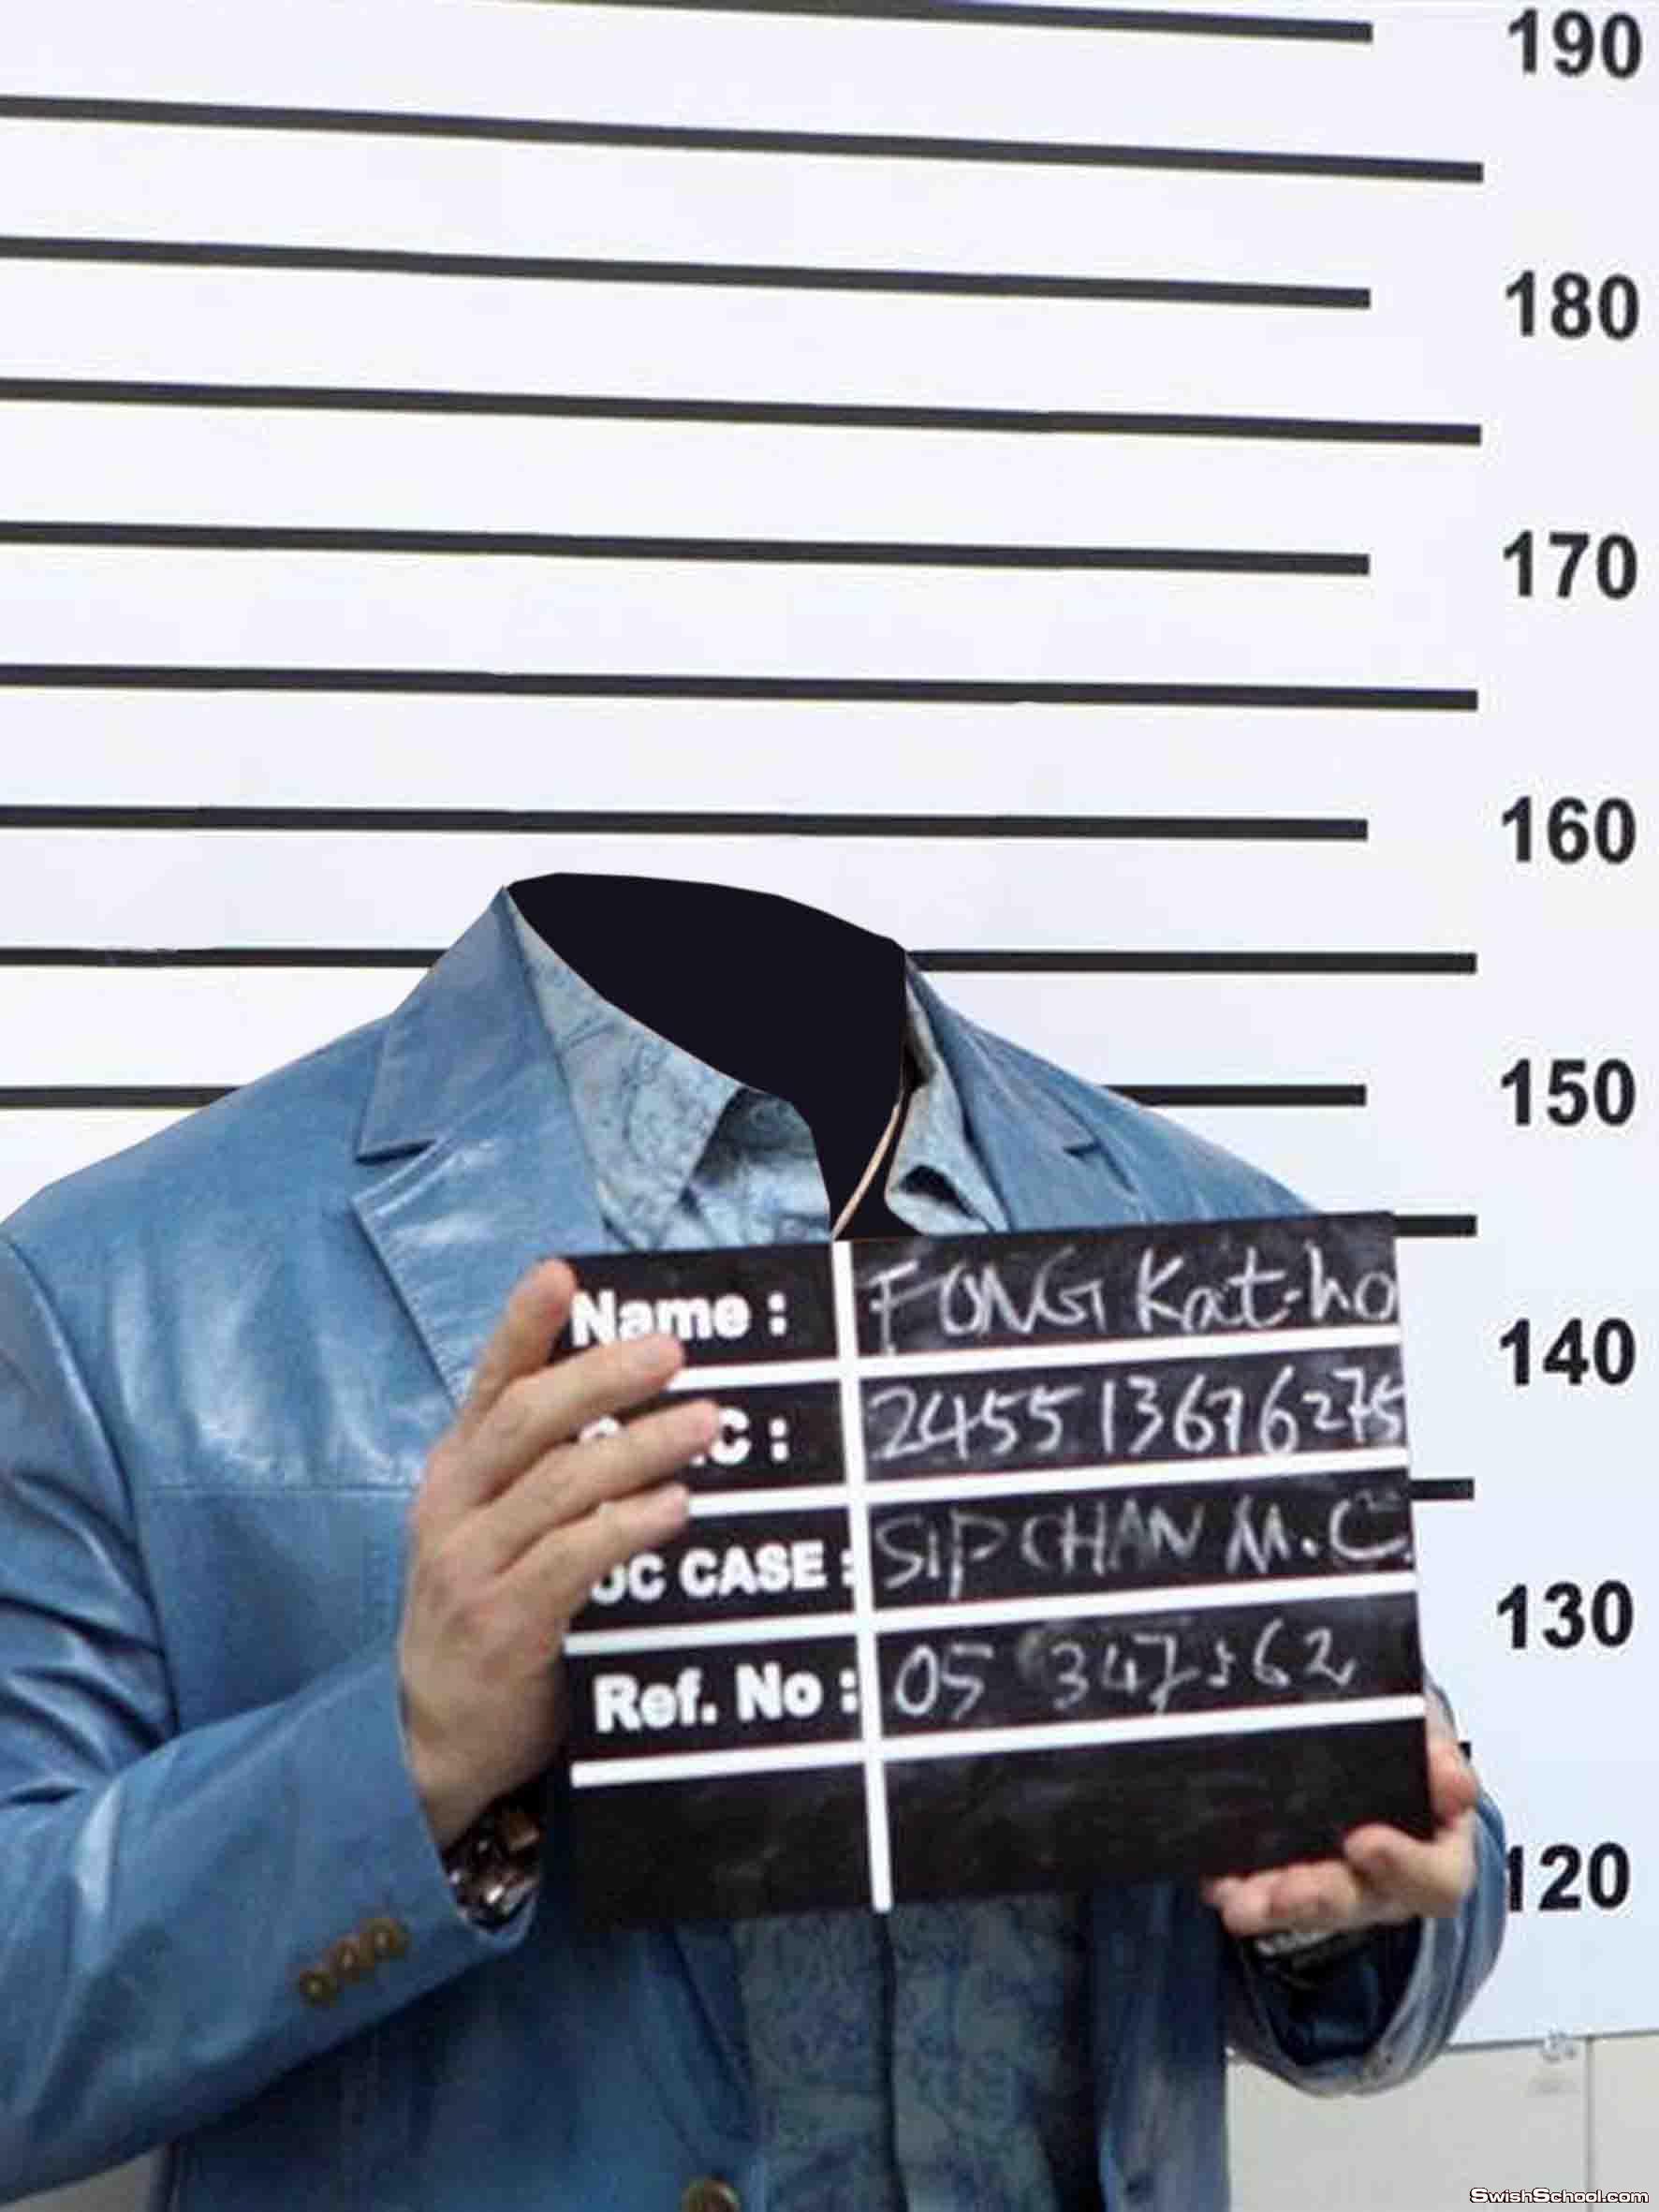 حصرى قالبين لمساجين كول - قوالب خدع للاستديوهات 2014